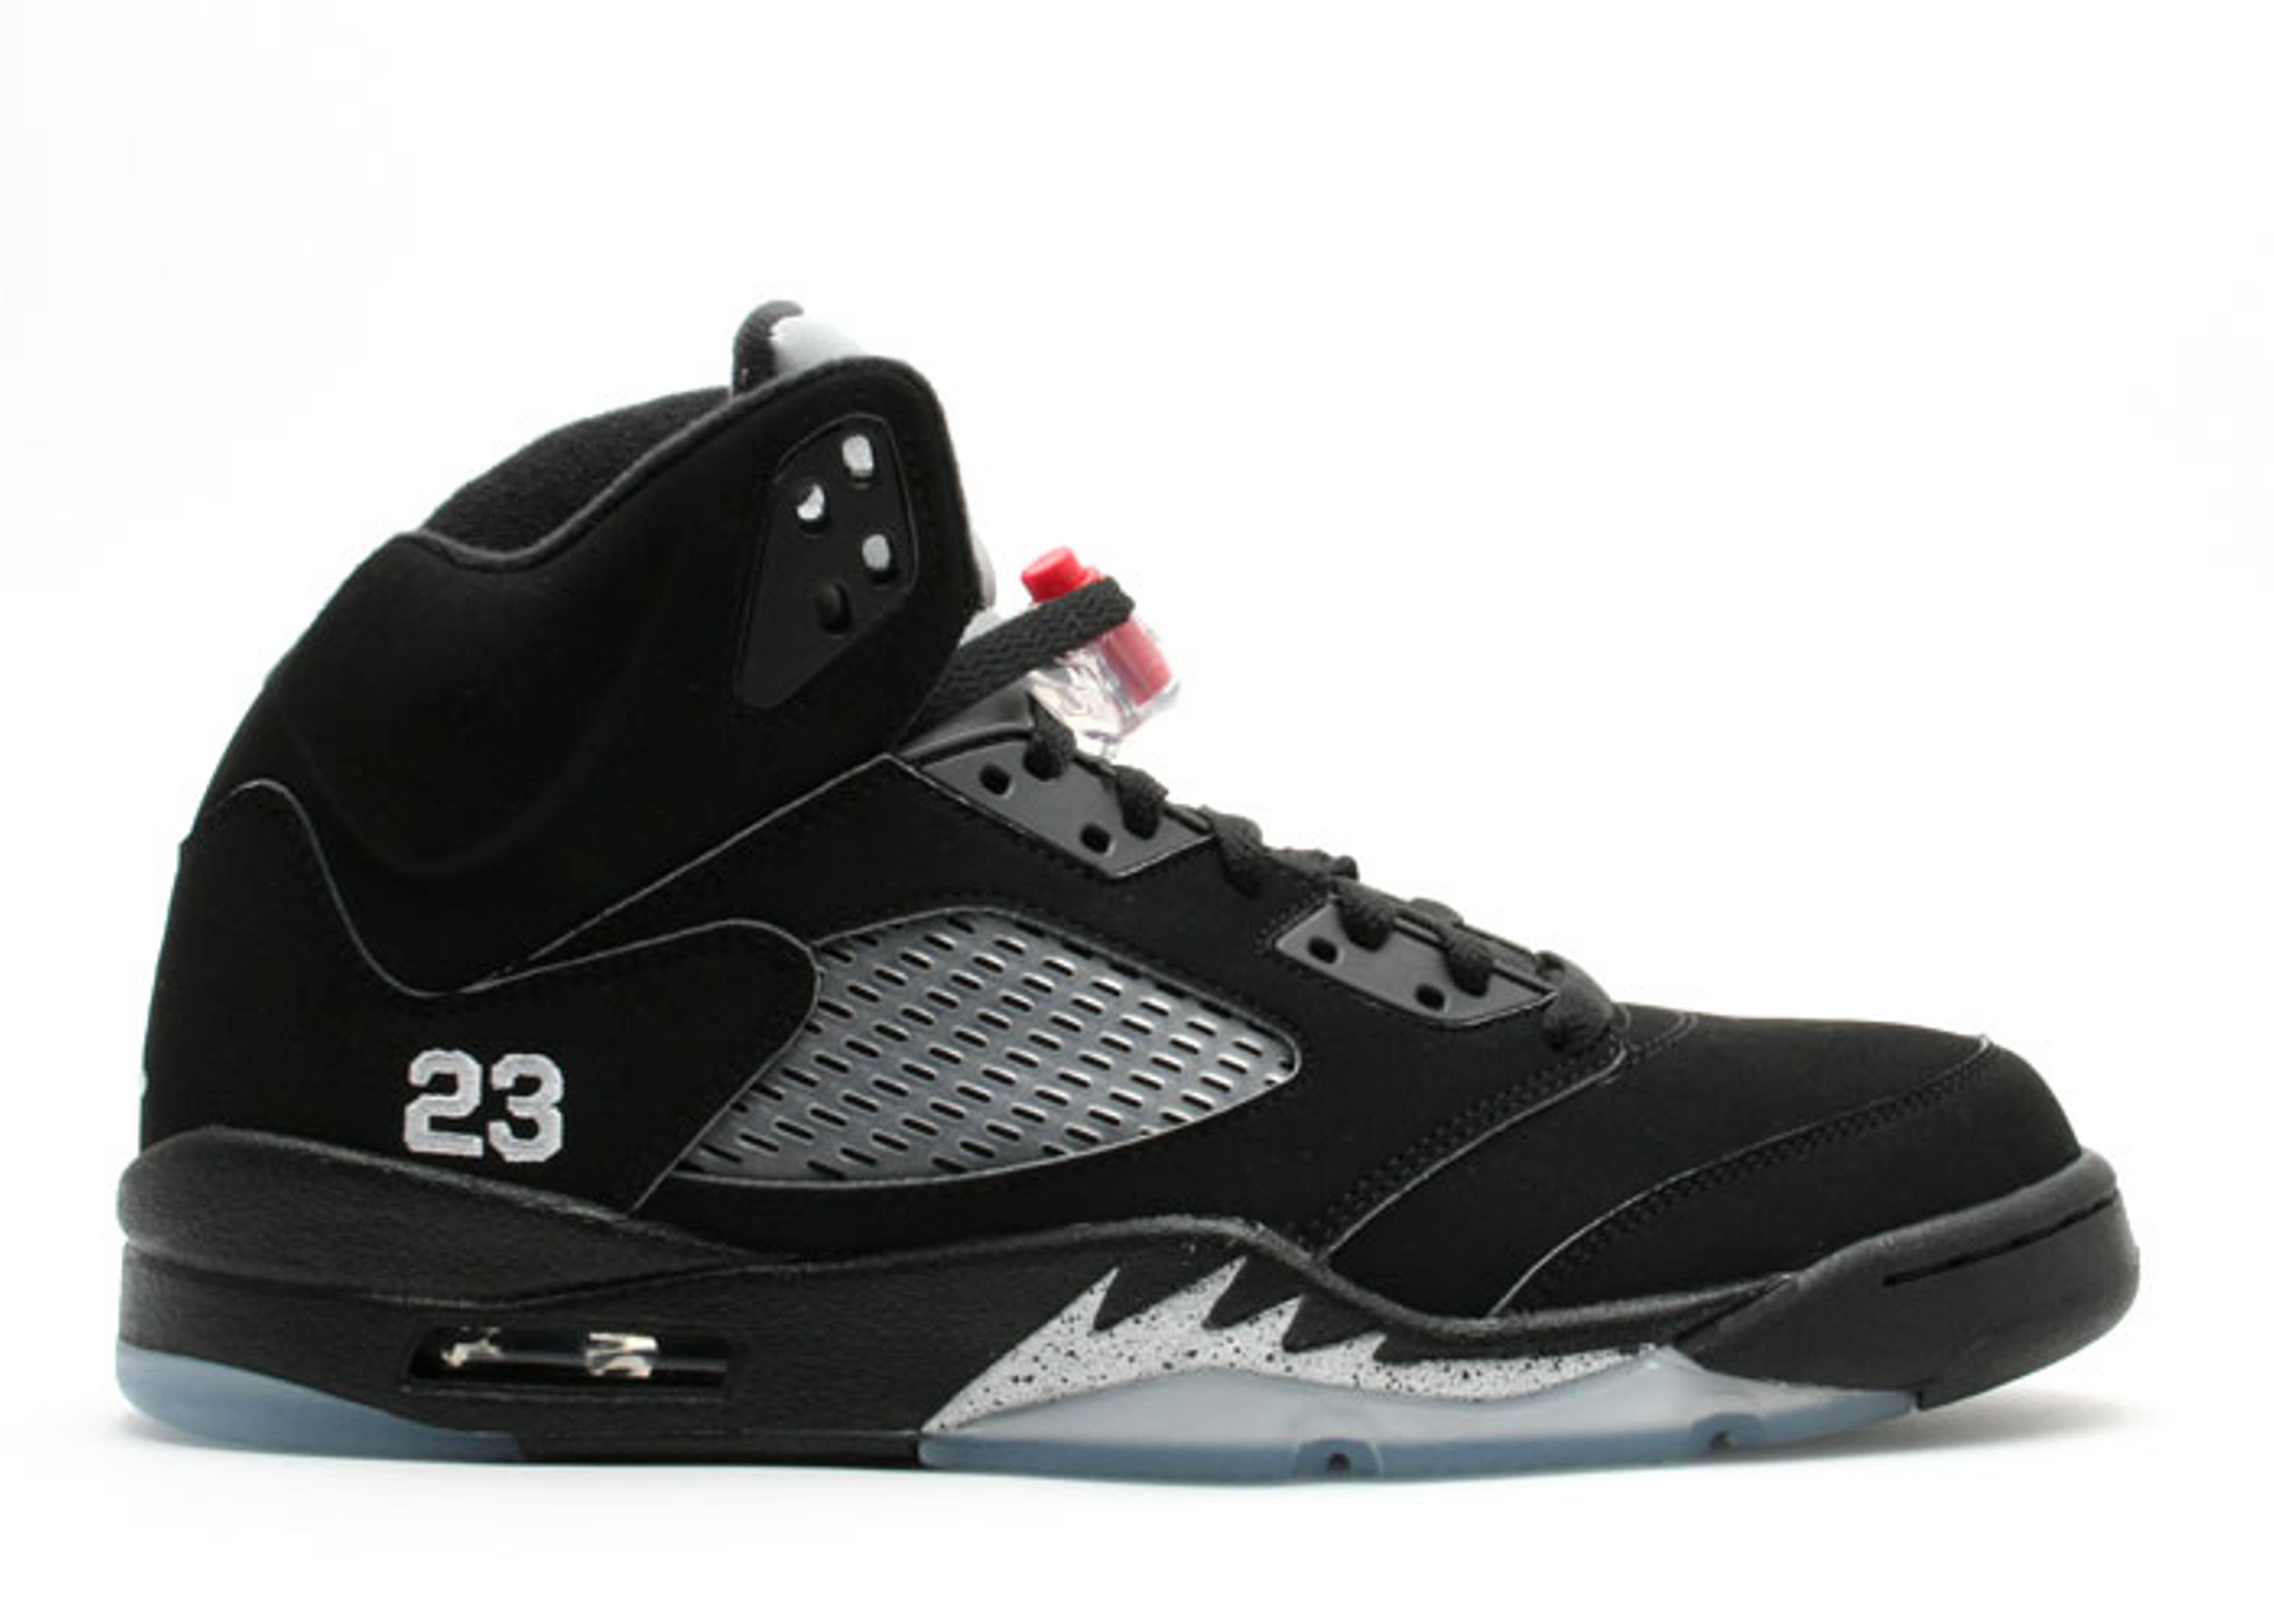 73b716a73f3d Air Jordan 5 Retro